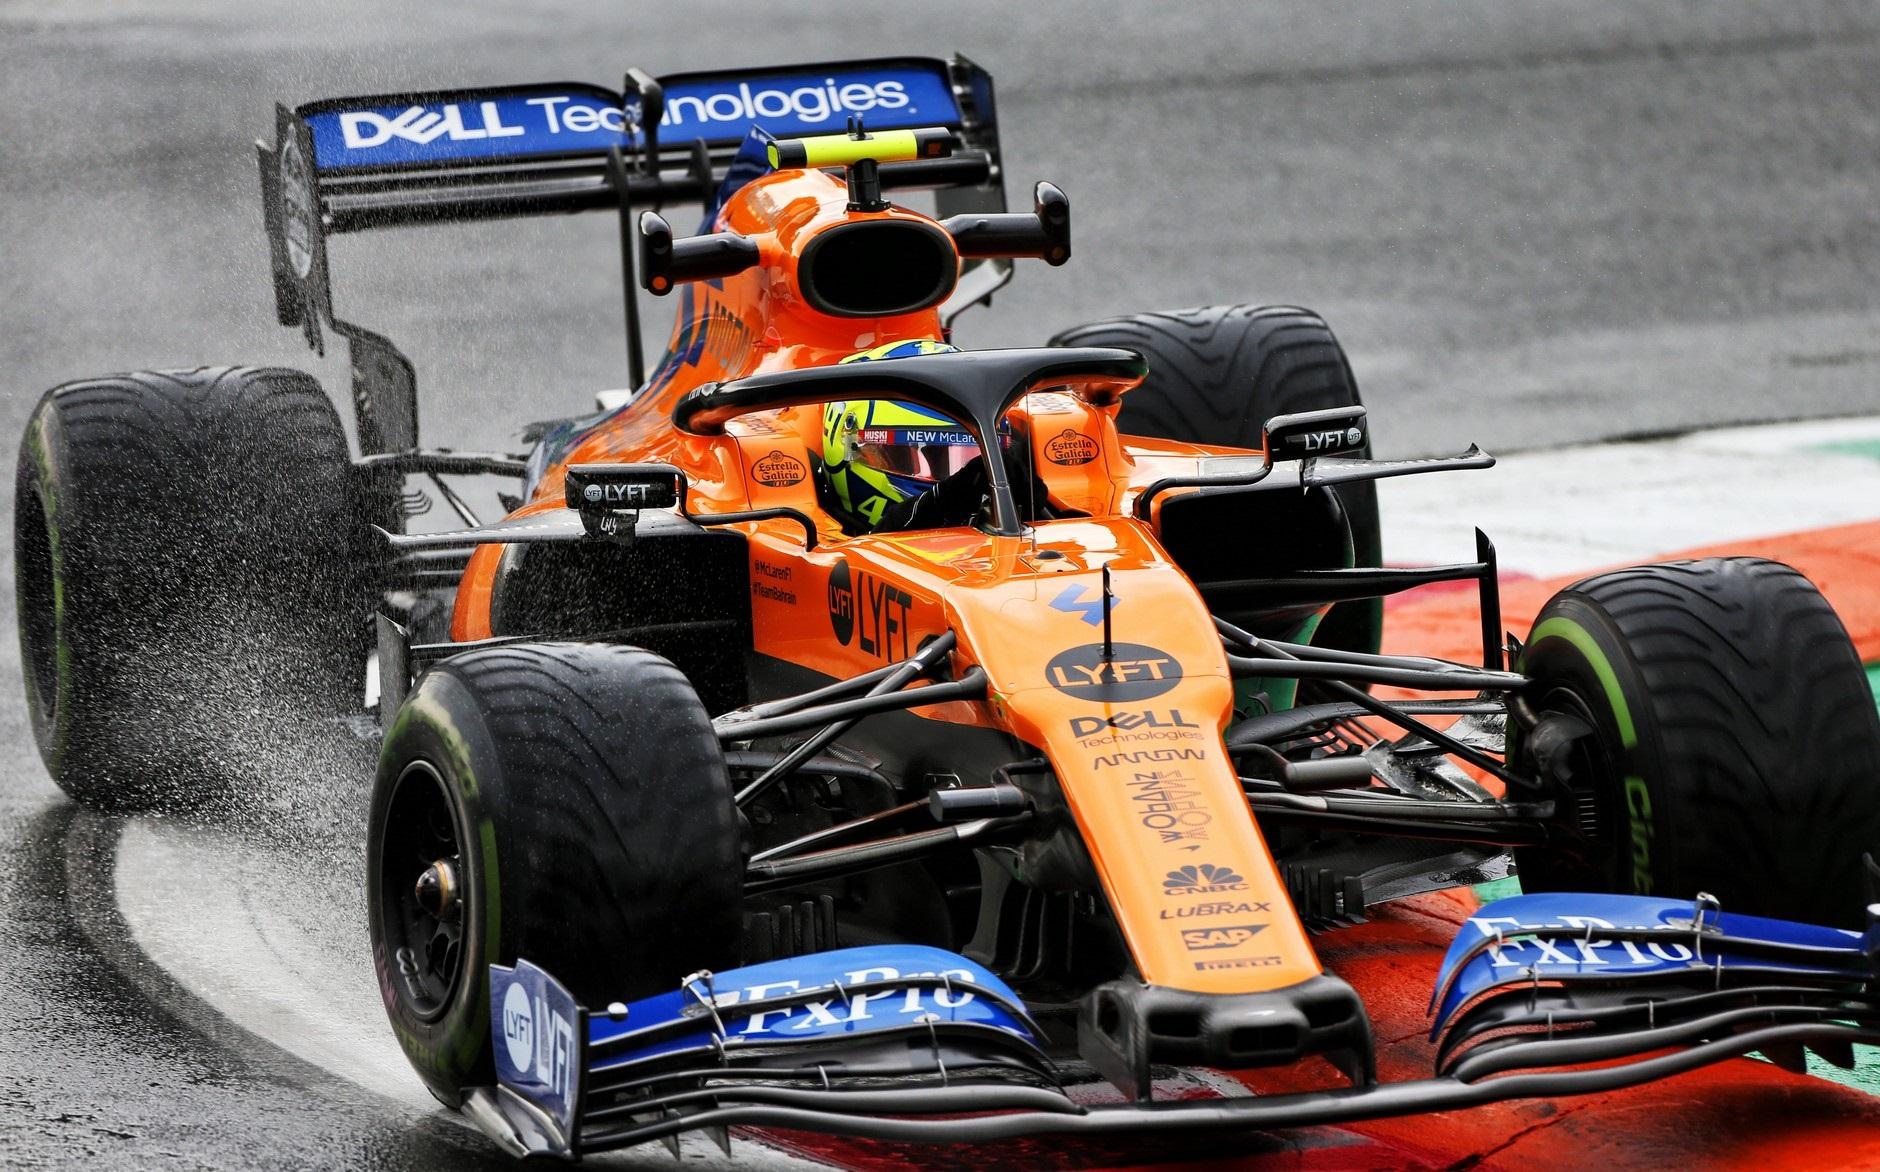 F1 Jelang Musim 2020, Lando Norris Ingin Lupakan Hasil Buruk   blackxperience.com